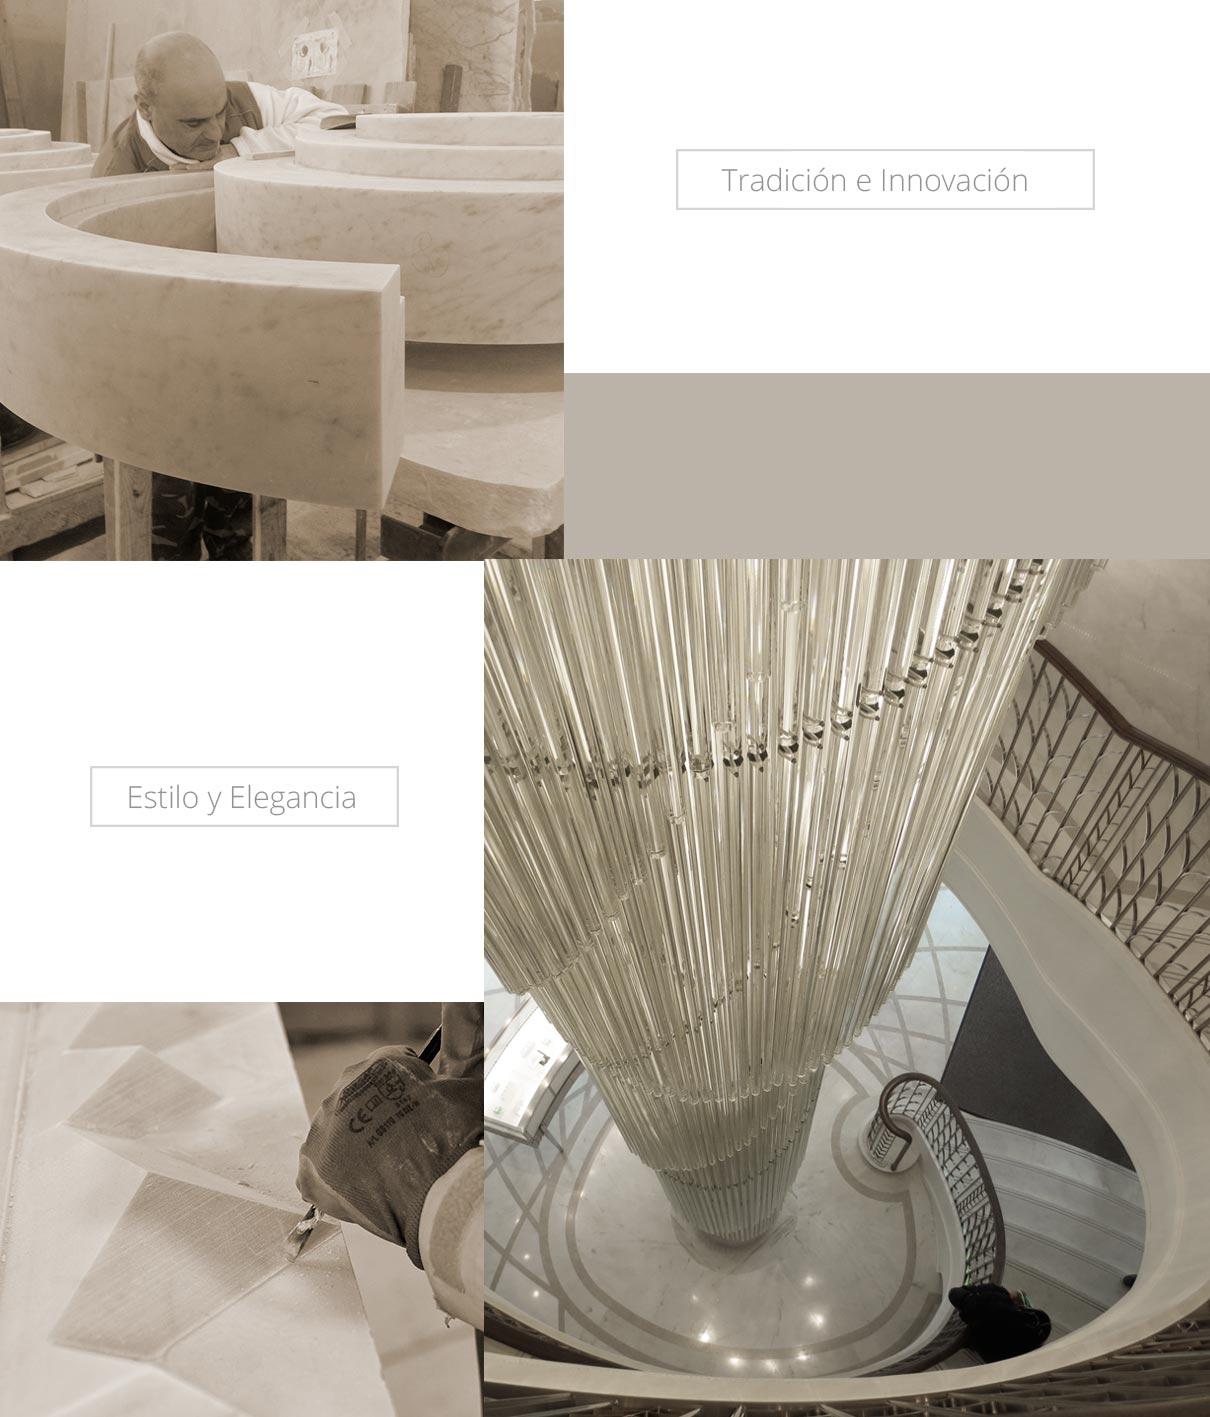 Tradición e Innovación - Estilo y Elegancia